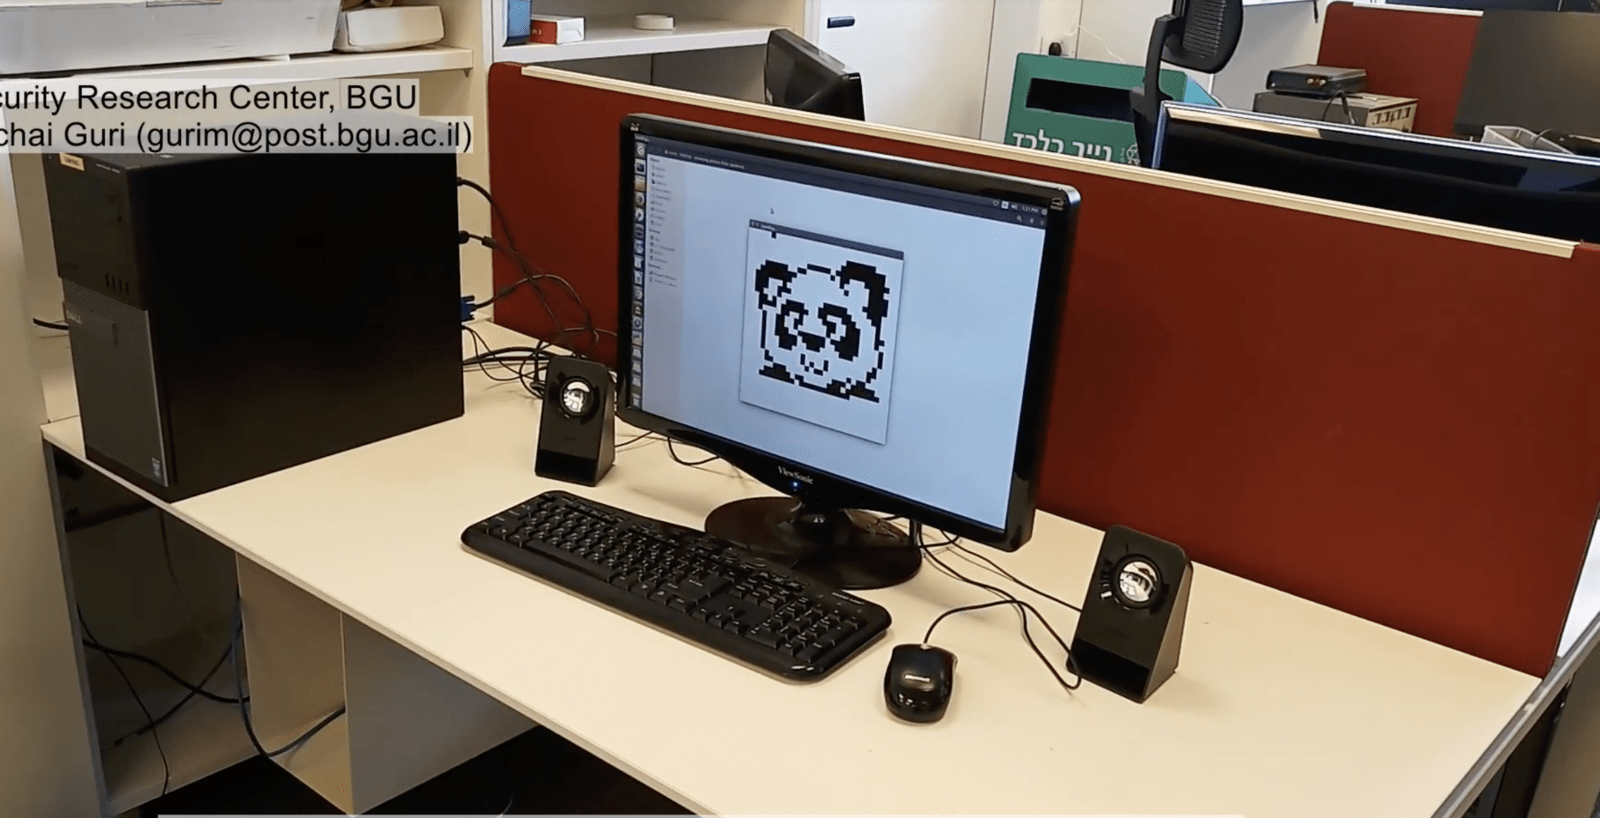 斷網電腦資料一樣可被盜 以色列科學家示範用超聲波偷電腦資料